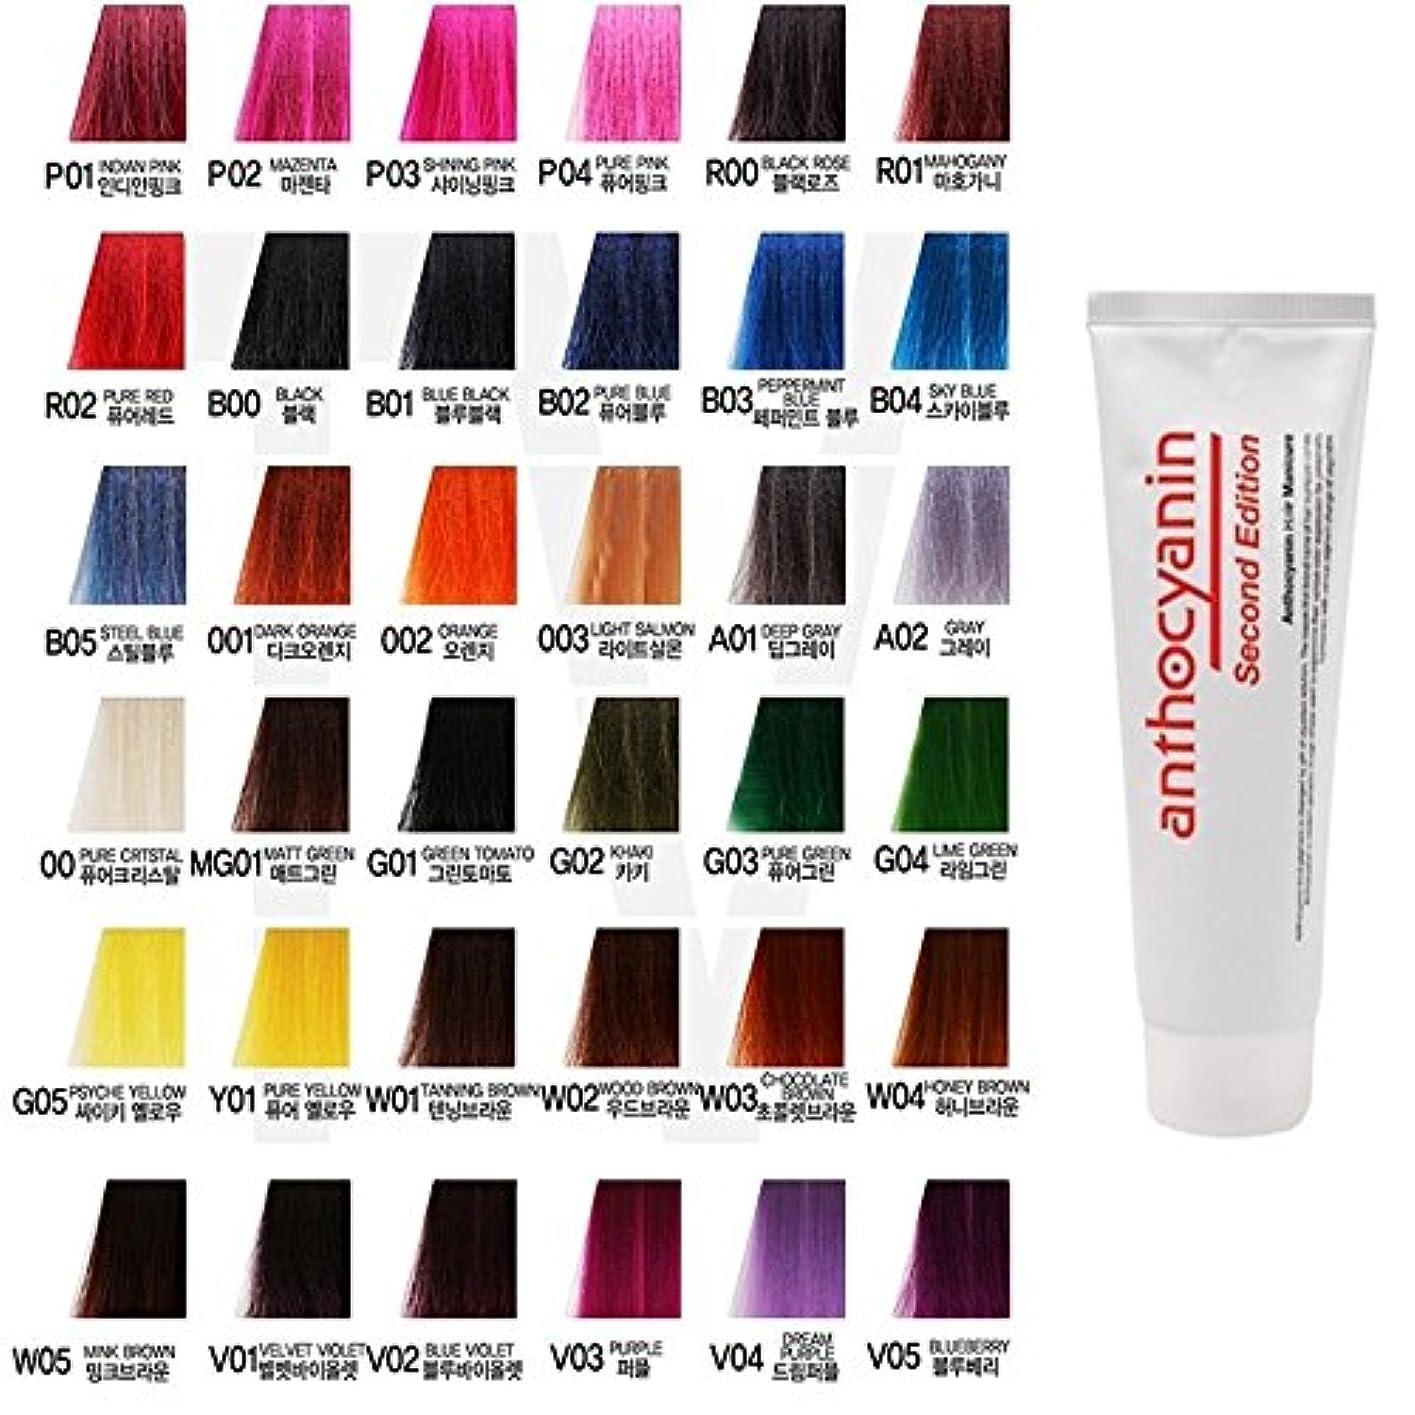 記念碑的なレーニン主義制限するヘア マニキュア カラー セカンド エディション 230g セミ パーマネント 染毛剤 (Hair Manicure Color Second Edition 230g Semi Permanent Hair Dye) [並行輸入品] (G14 Psyche Lime)